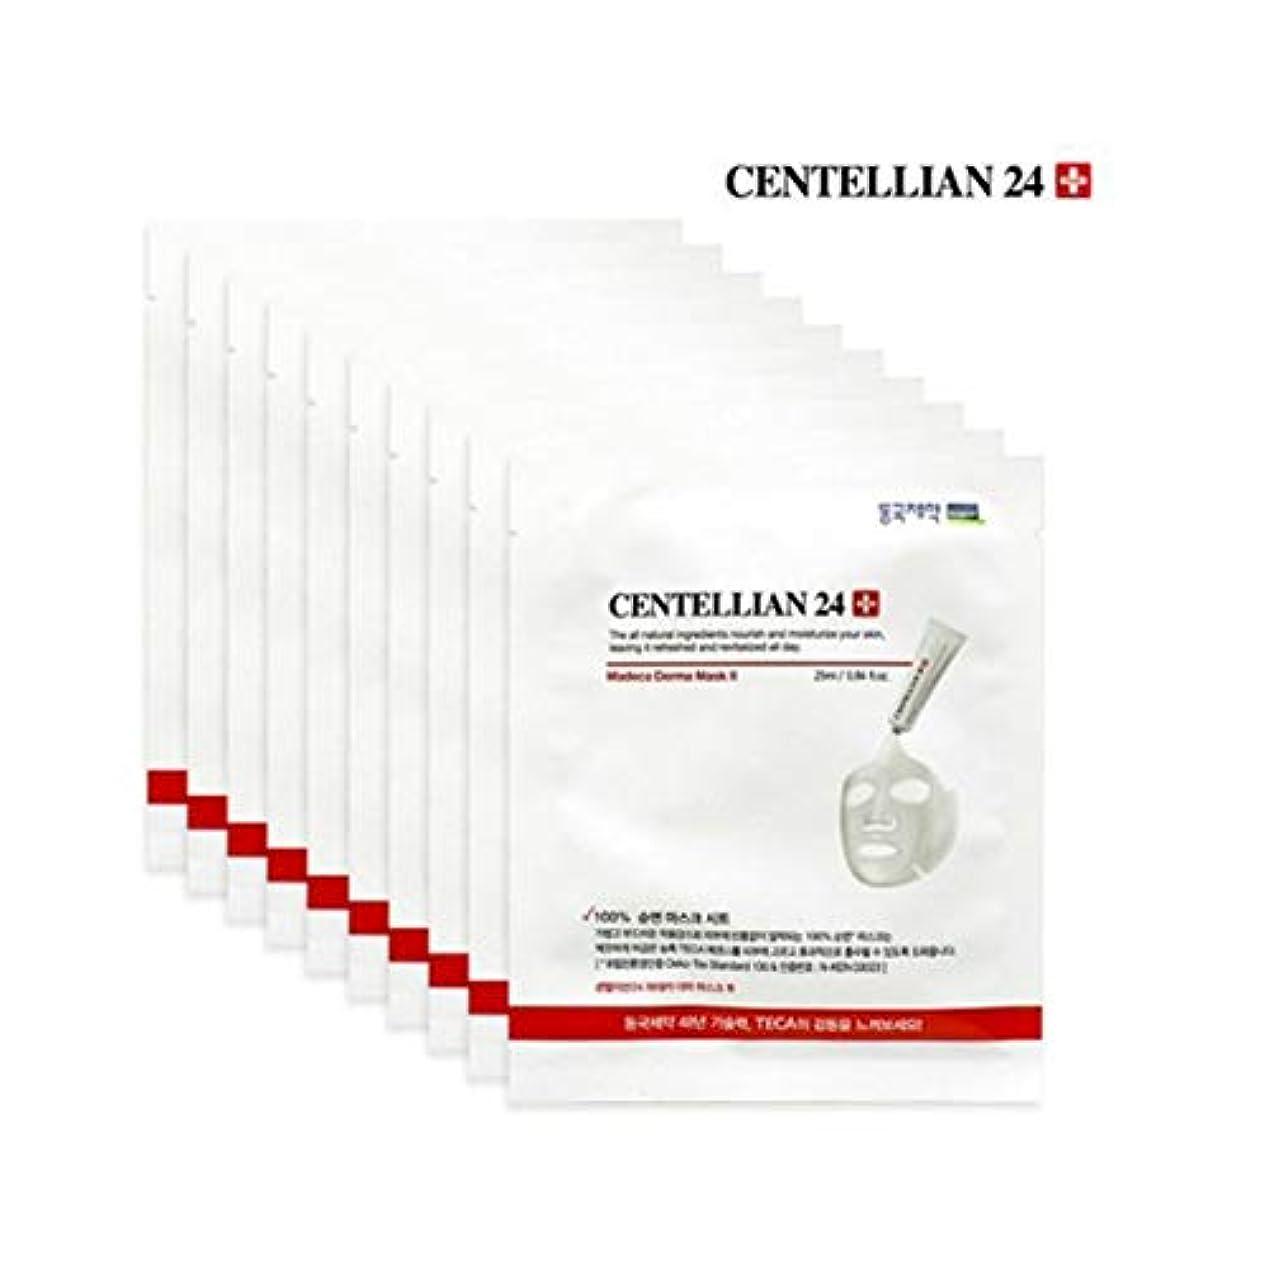 均等に反対養うセンテルリアン24マデカードママスクパック10枚肌の保湿、Centellian24 Madeca Derma Mask Pack 10 Sheets Skin Moisturizing [並行輸入品]